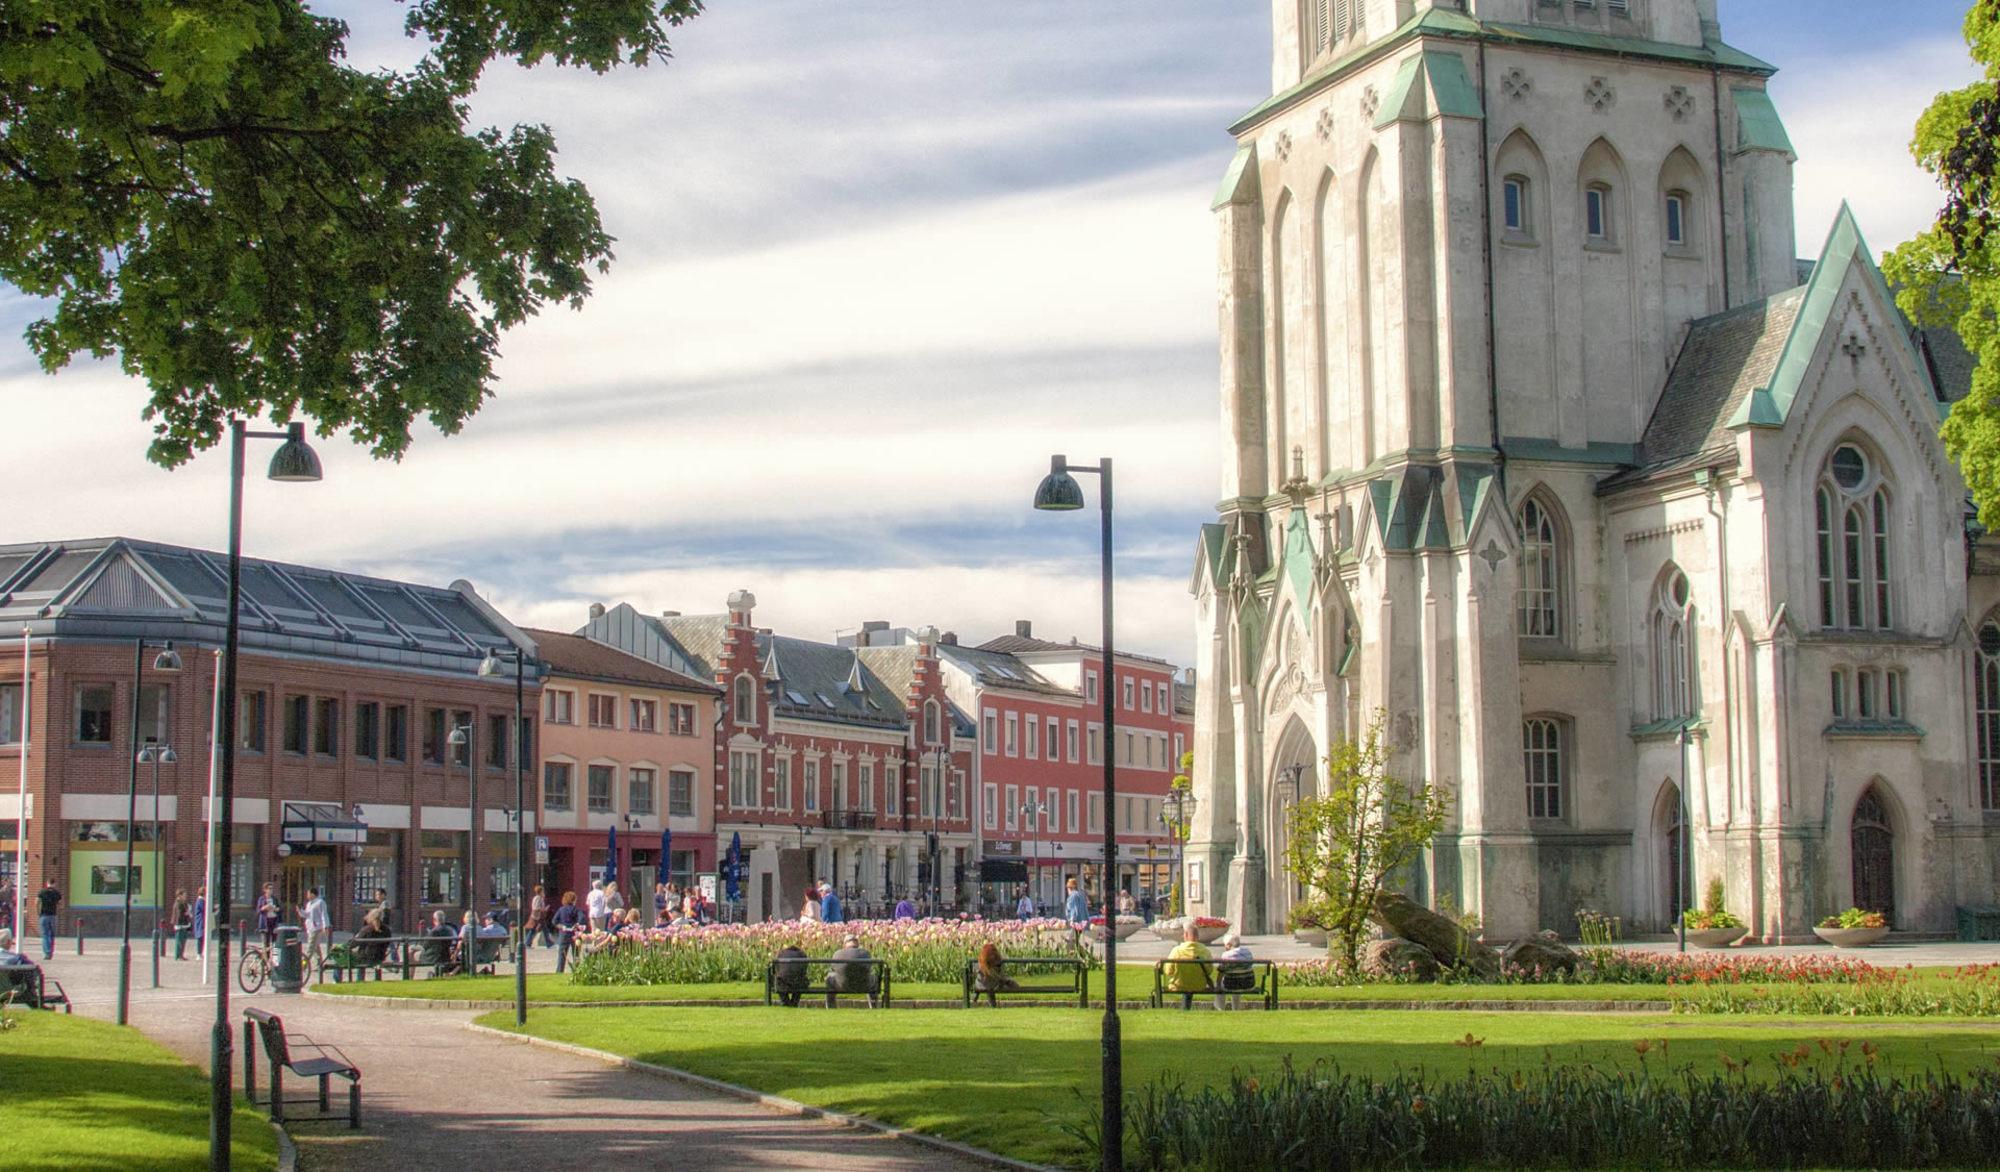 Bestill time hos en anbefalt frisør i Kristiansand på Fixit.no. Sjekk priser og les kundeomtaler før du bestemmer deg. Rask og enkel timebestilling!